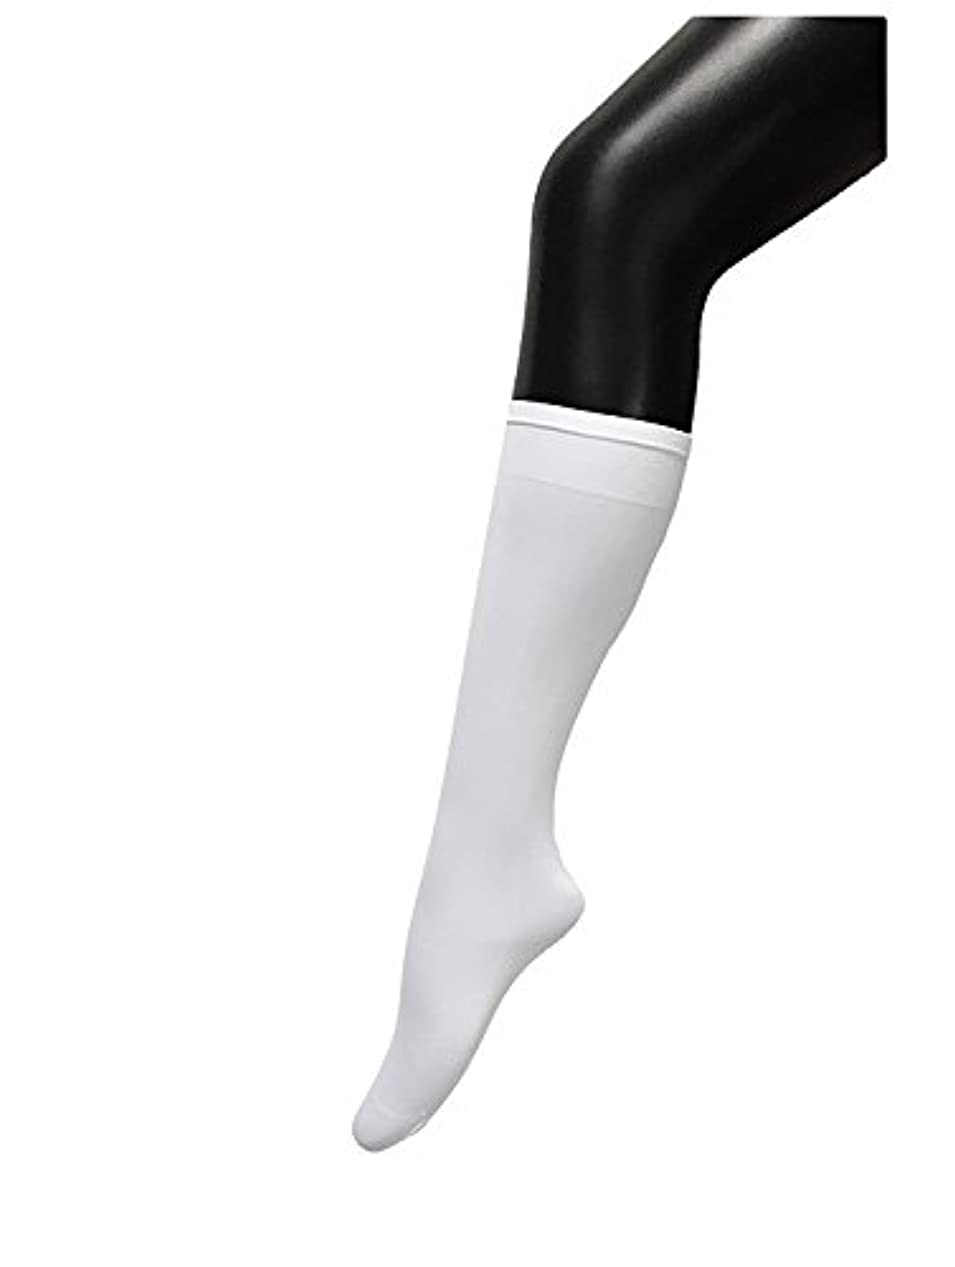 ディンカルビル誰のオンスCOSCO ストッキング ソックス ニーソックス 膝下タイプ 着圧 美脚 40CM